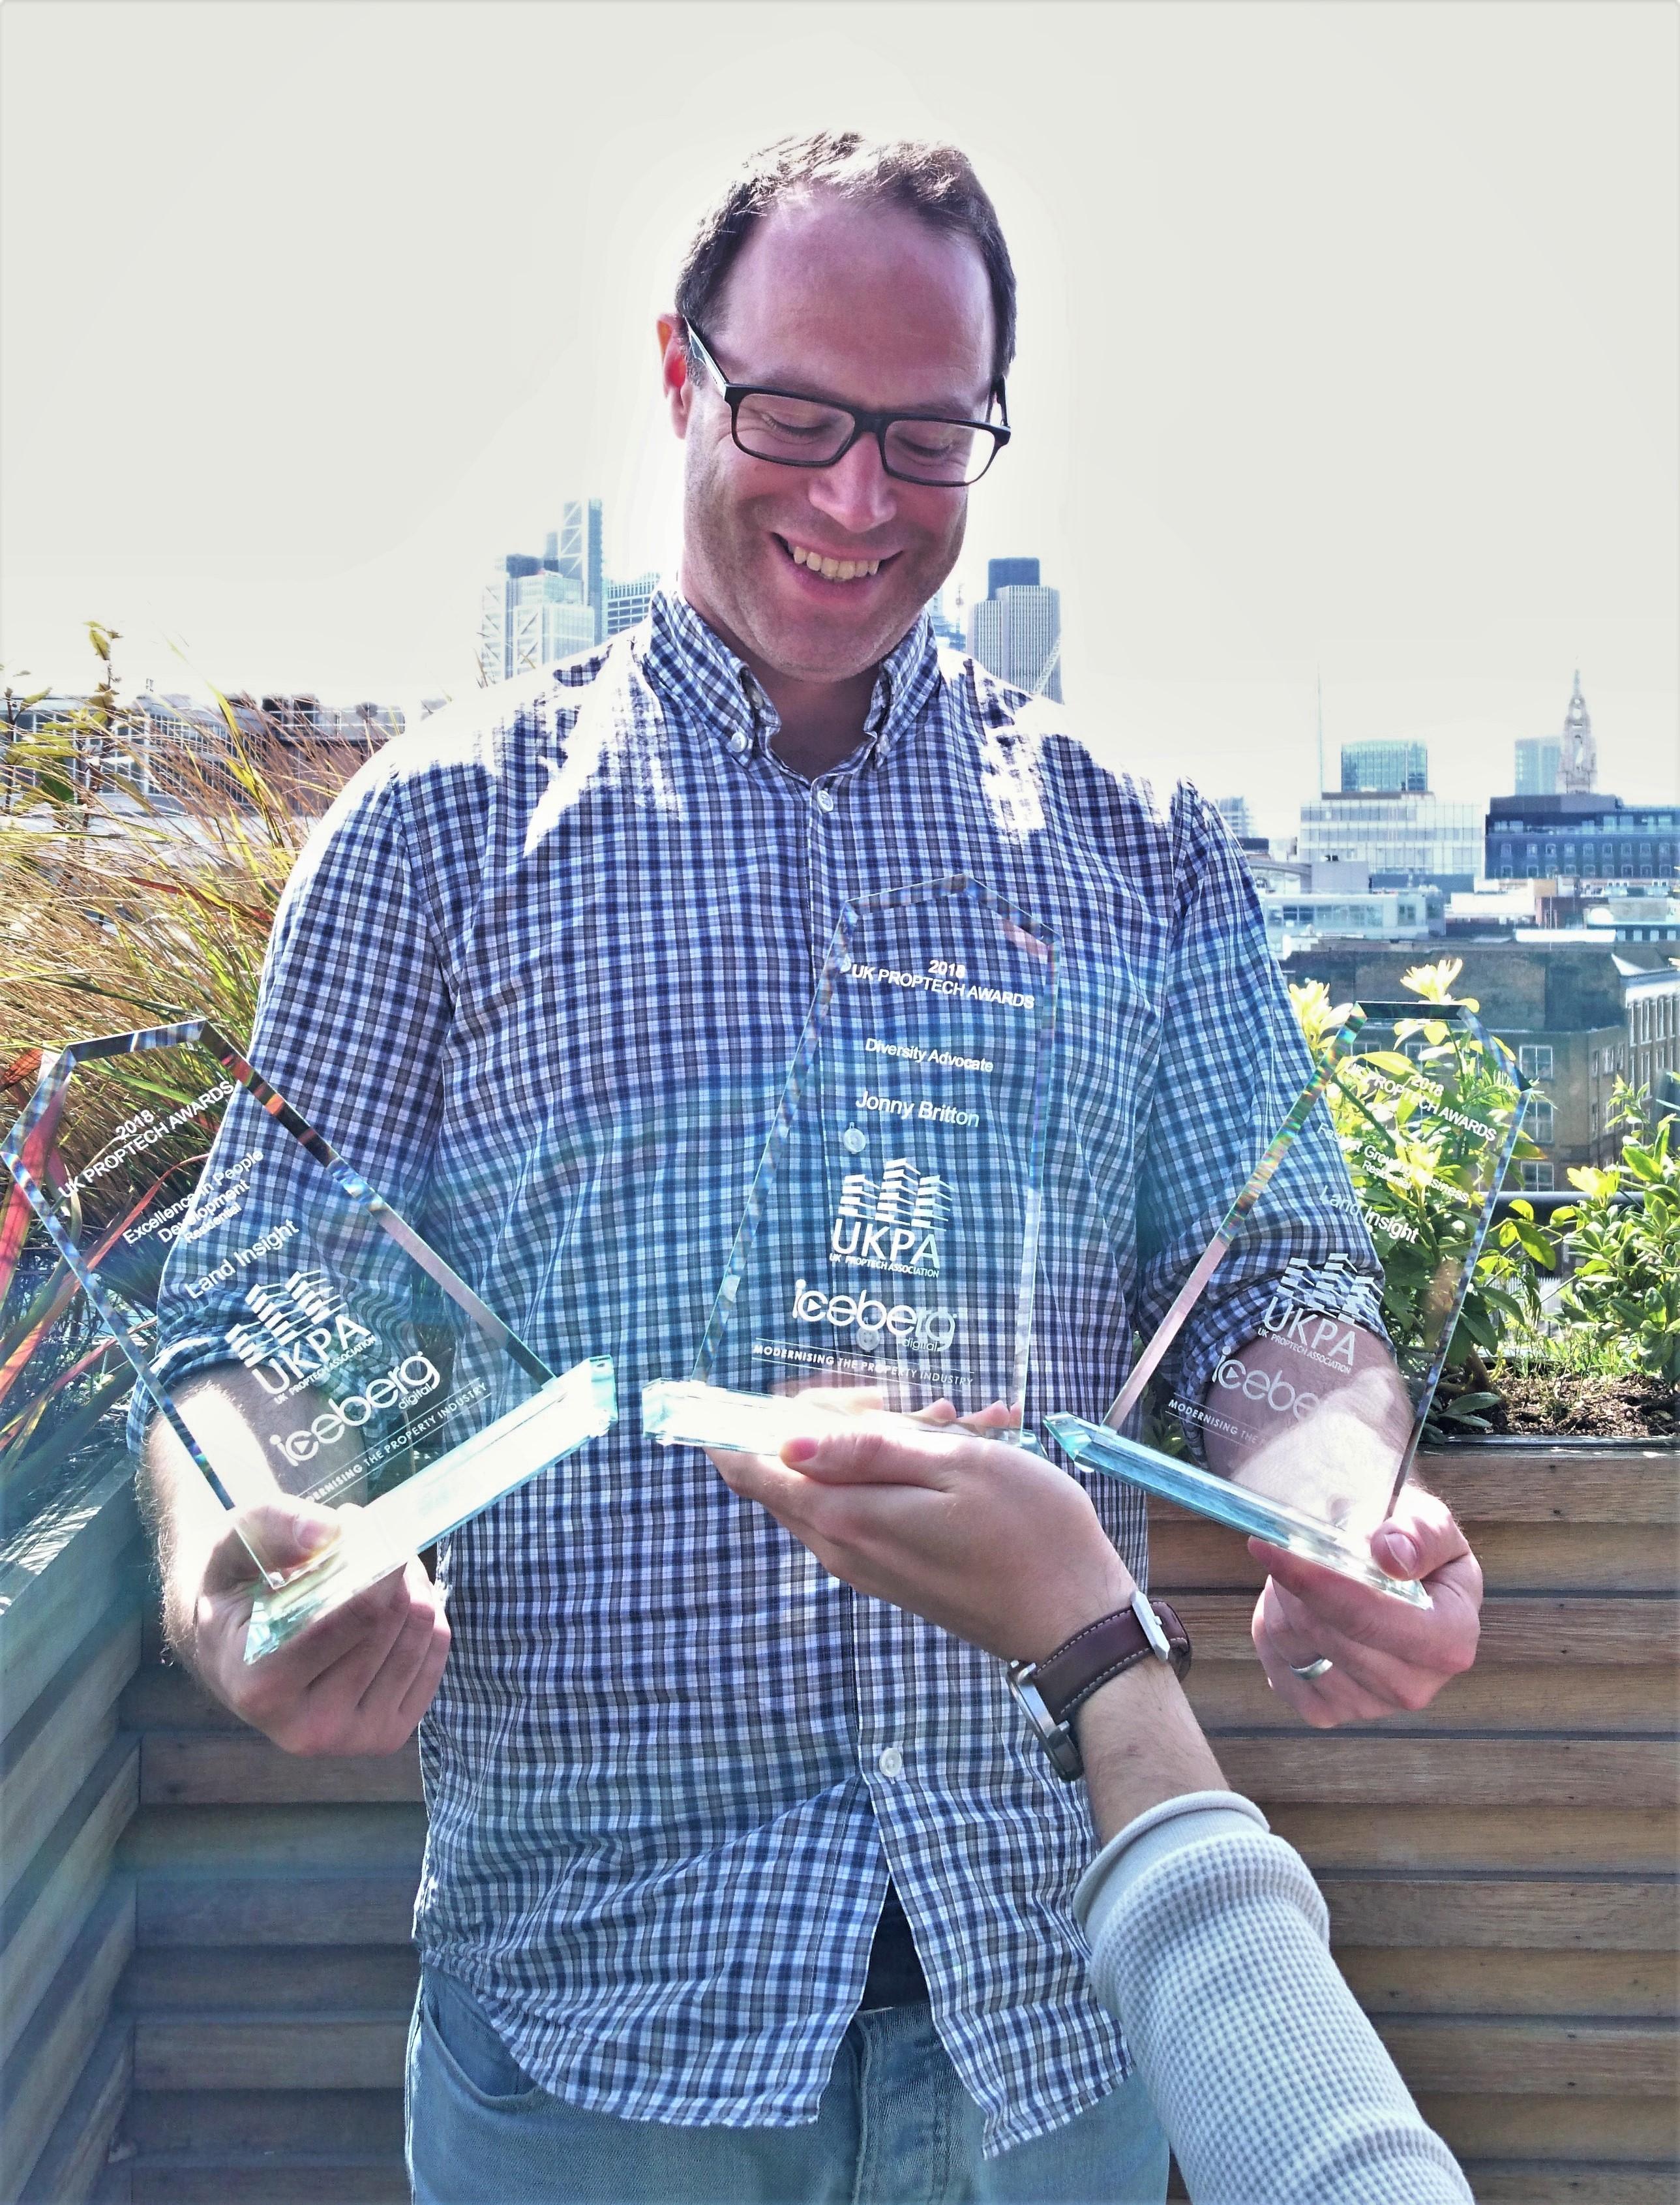 Jonny with the awards